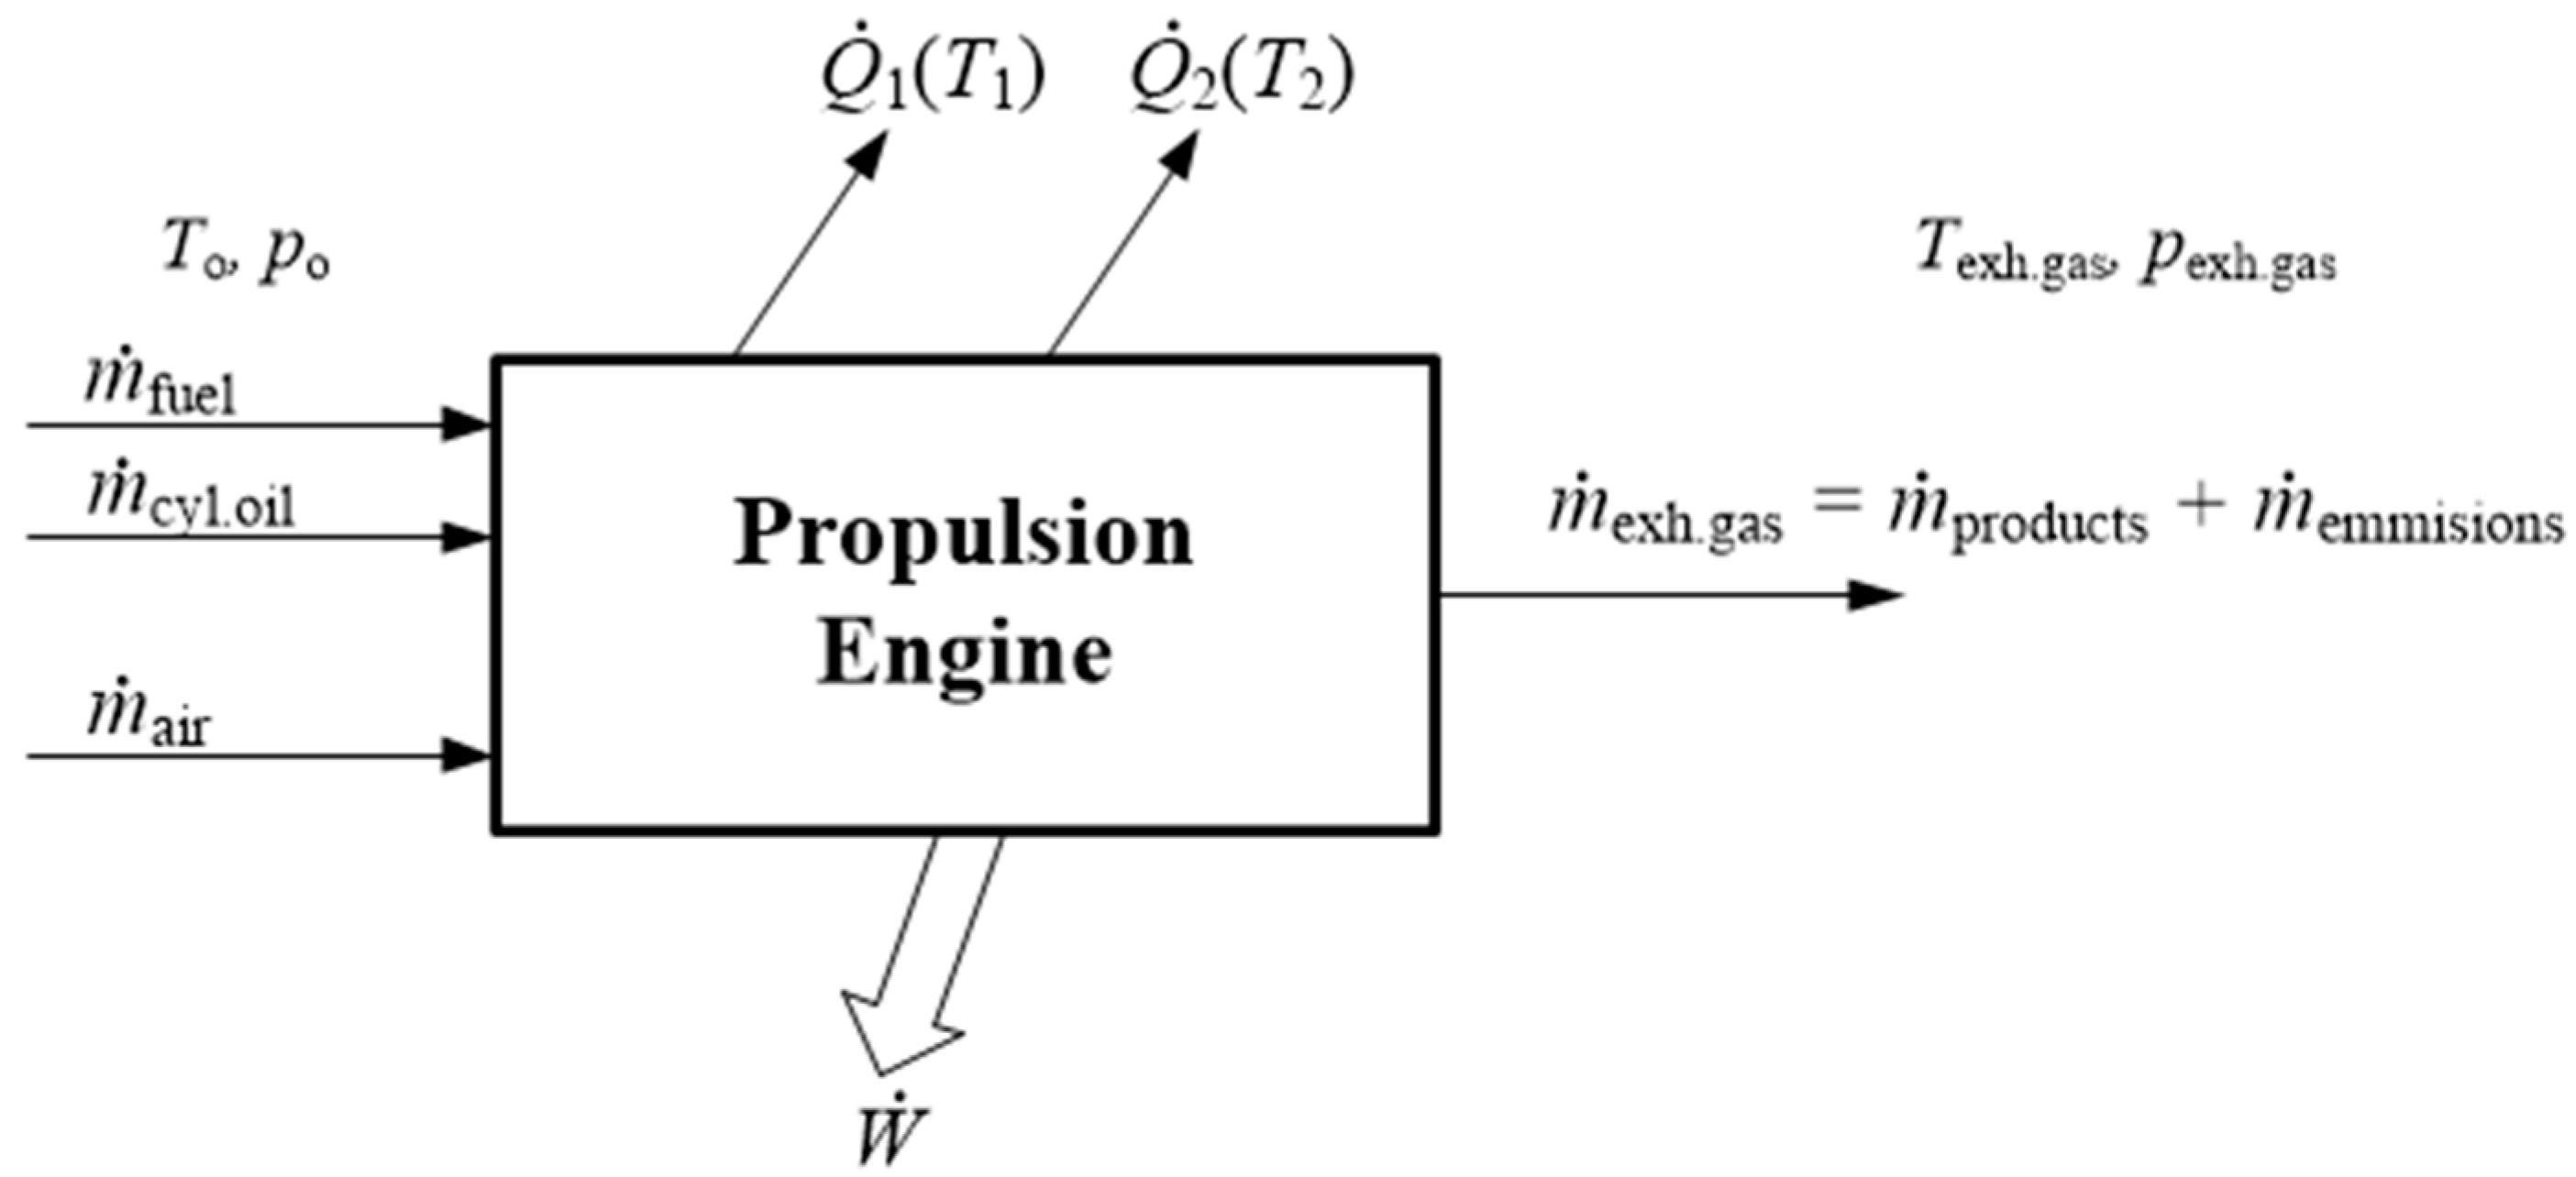 2 Stroke Diesel Engine Diagram Energies Free Full Text Of 2 Stroke Diesel Engine Diagram